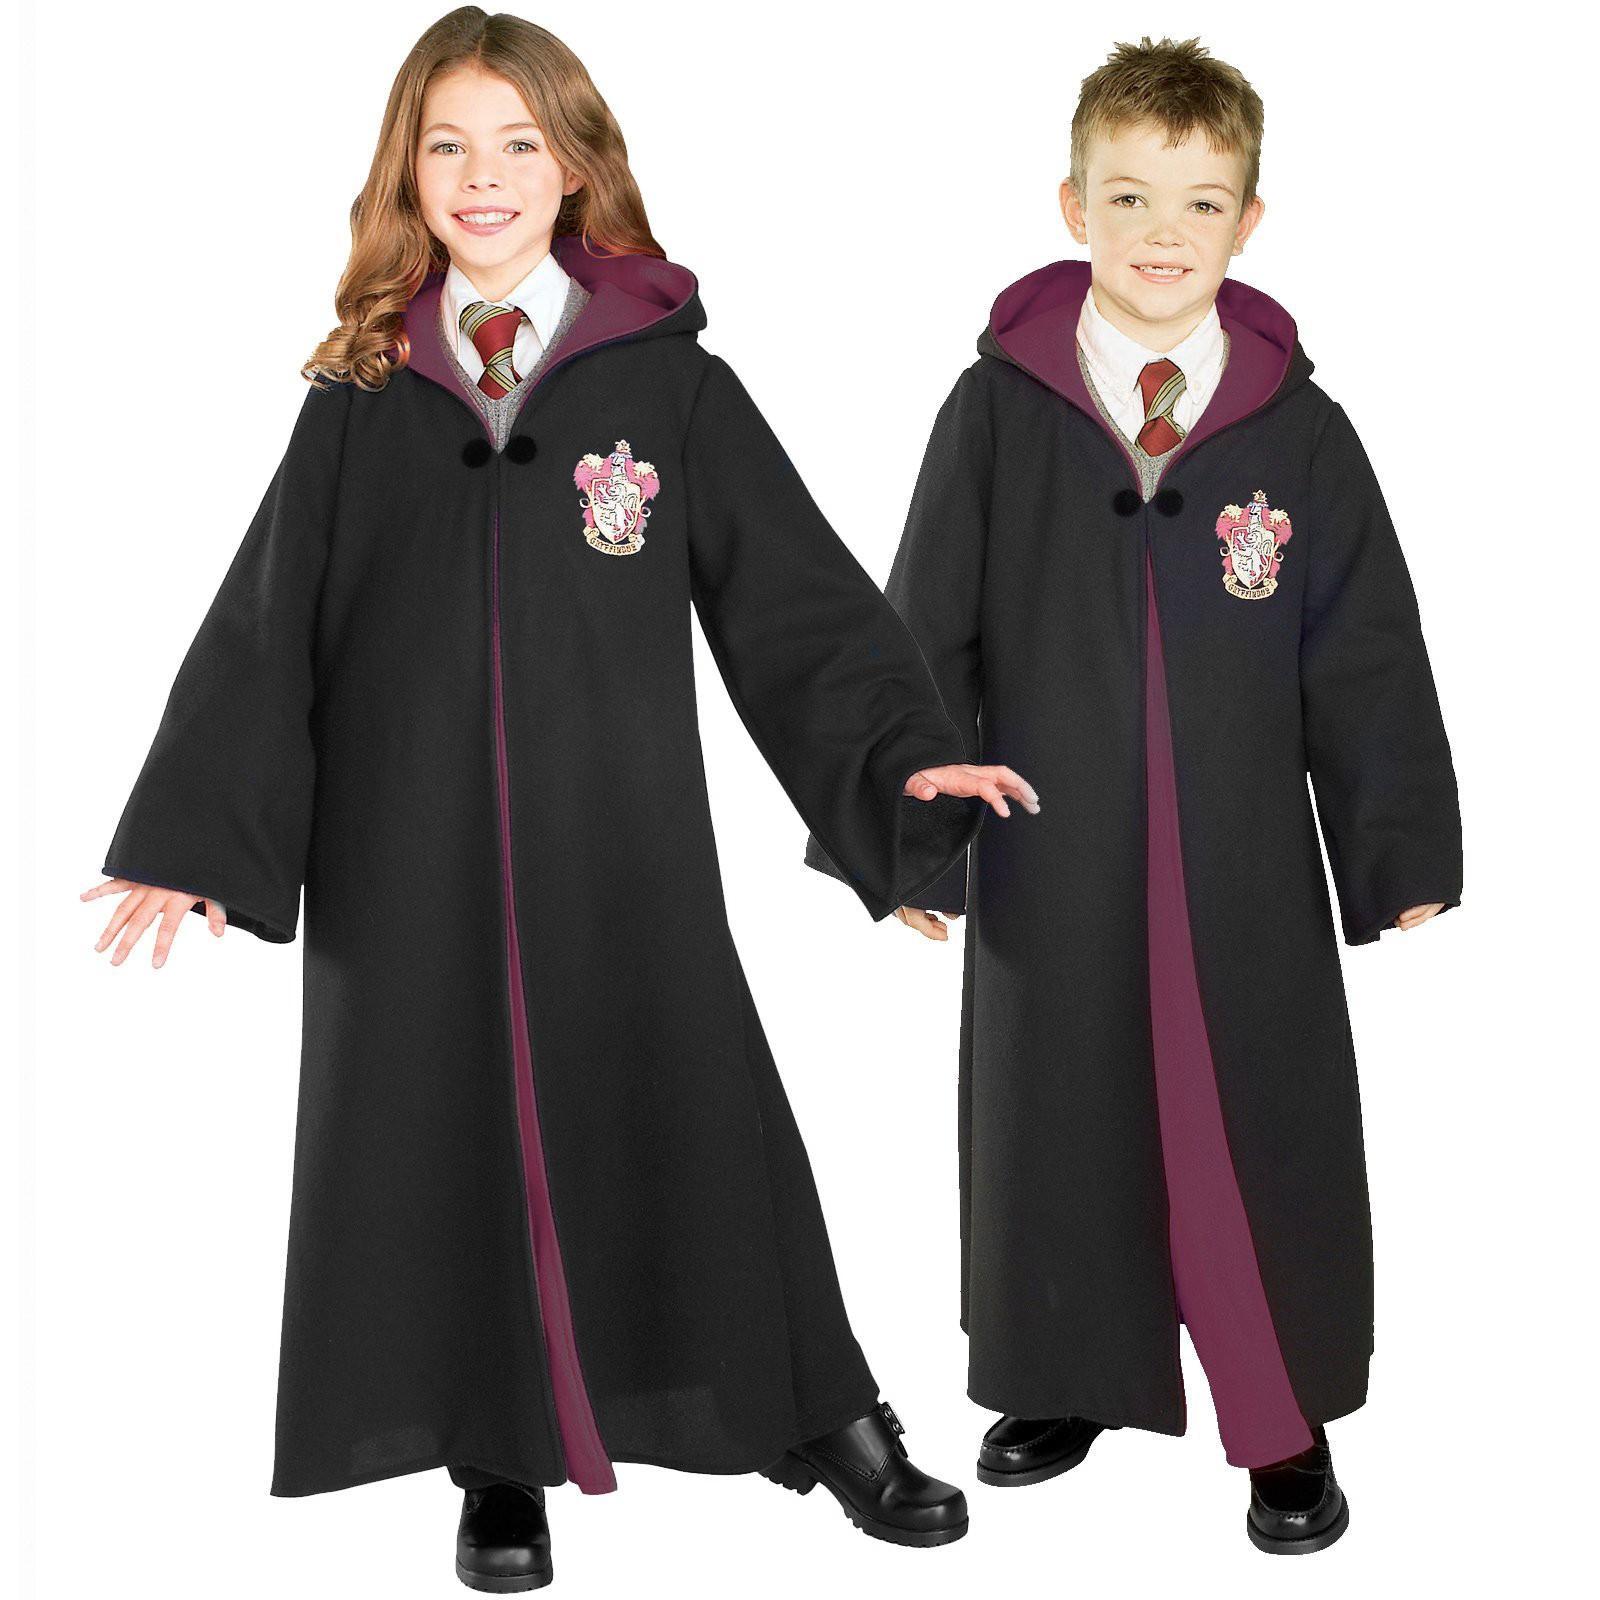 harry potter gryffindor wizard